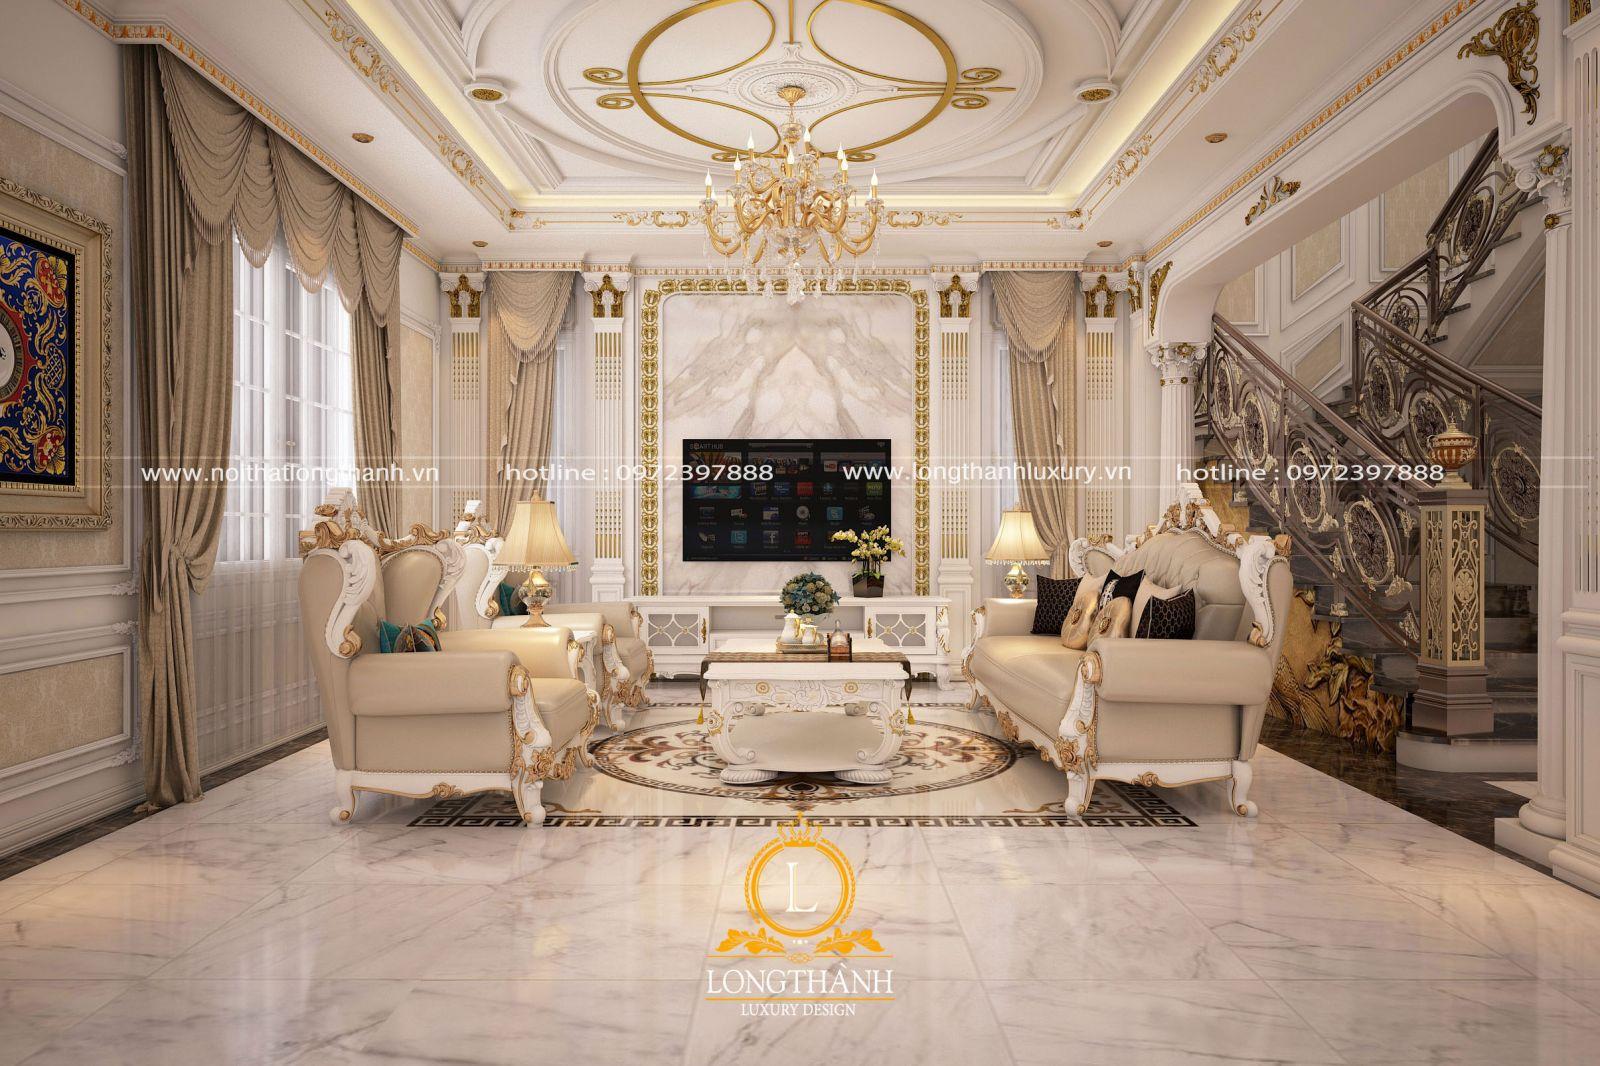 Phào trần thạch cao - Mẫu trang trí không thể thiếu trong không gian phòng khách tân cổ điển